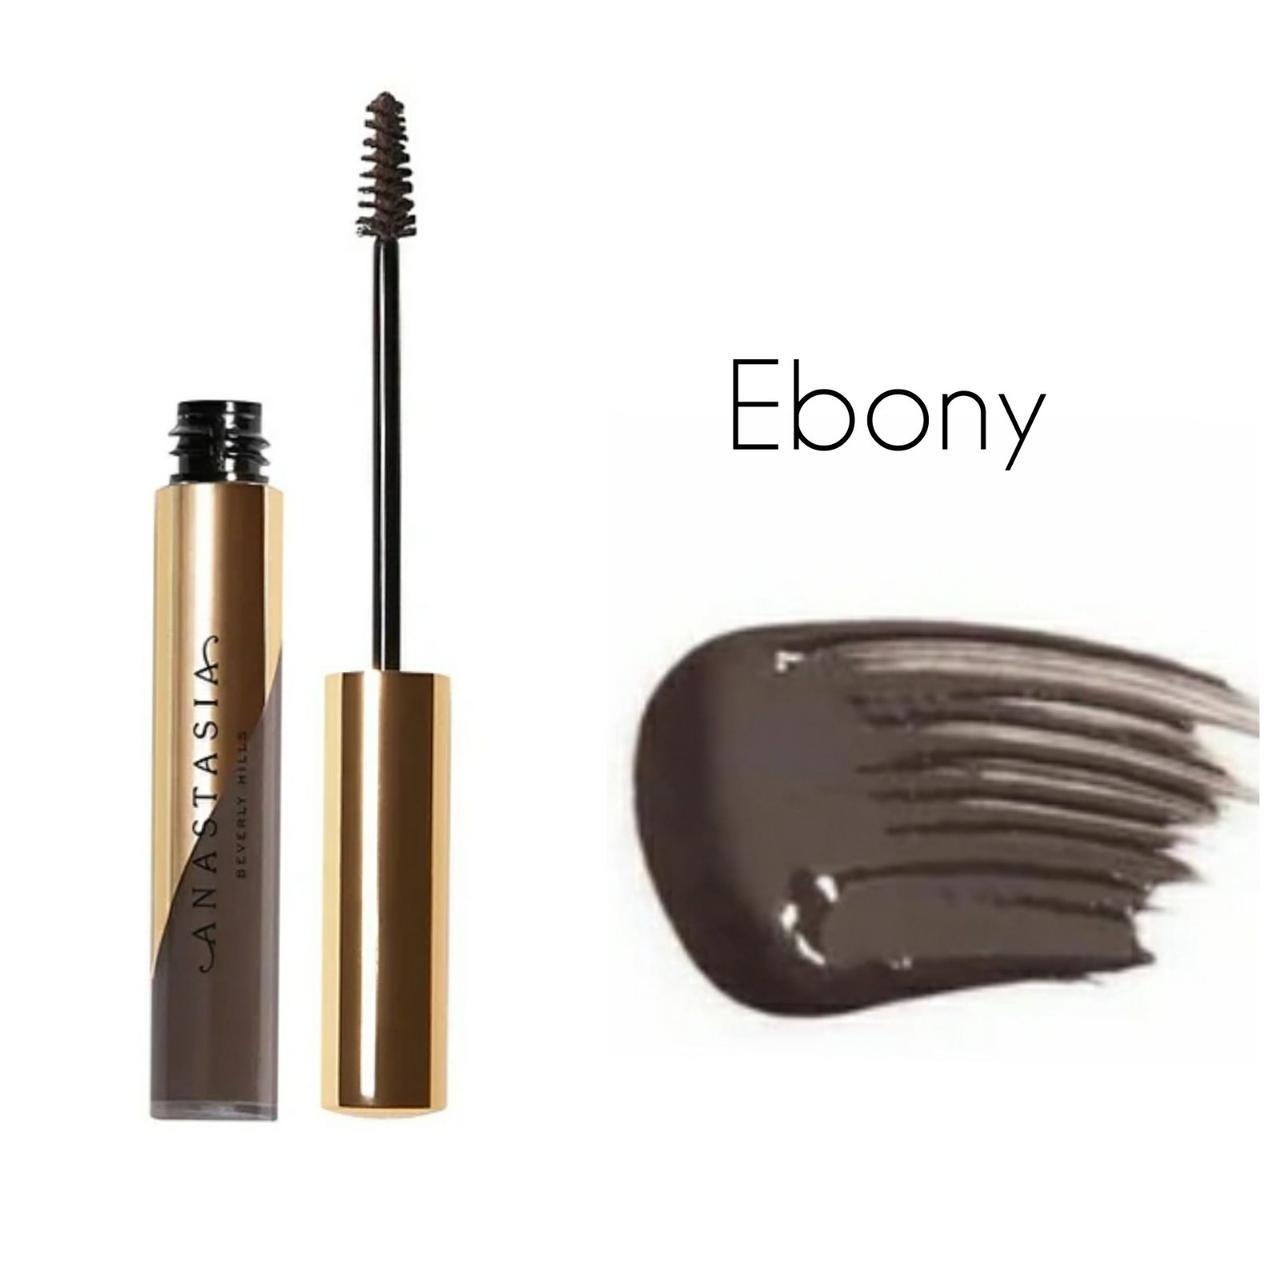 Гель для бровей Anastasia Beverly Hills - Ebony оттеночный 4.4g